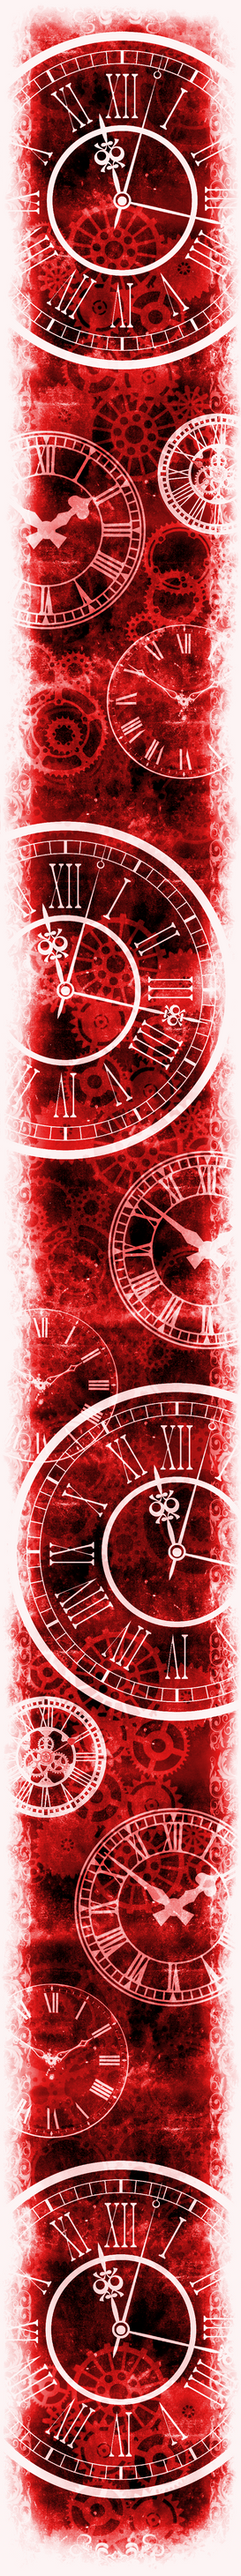 Only Time Will Tell [Custom Box BG] (Invert Red)